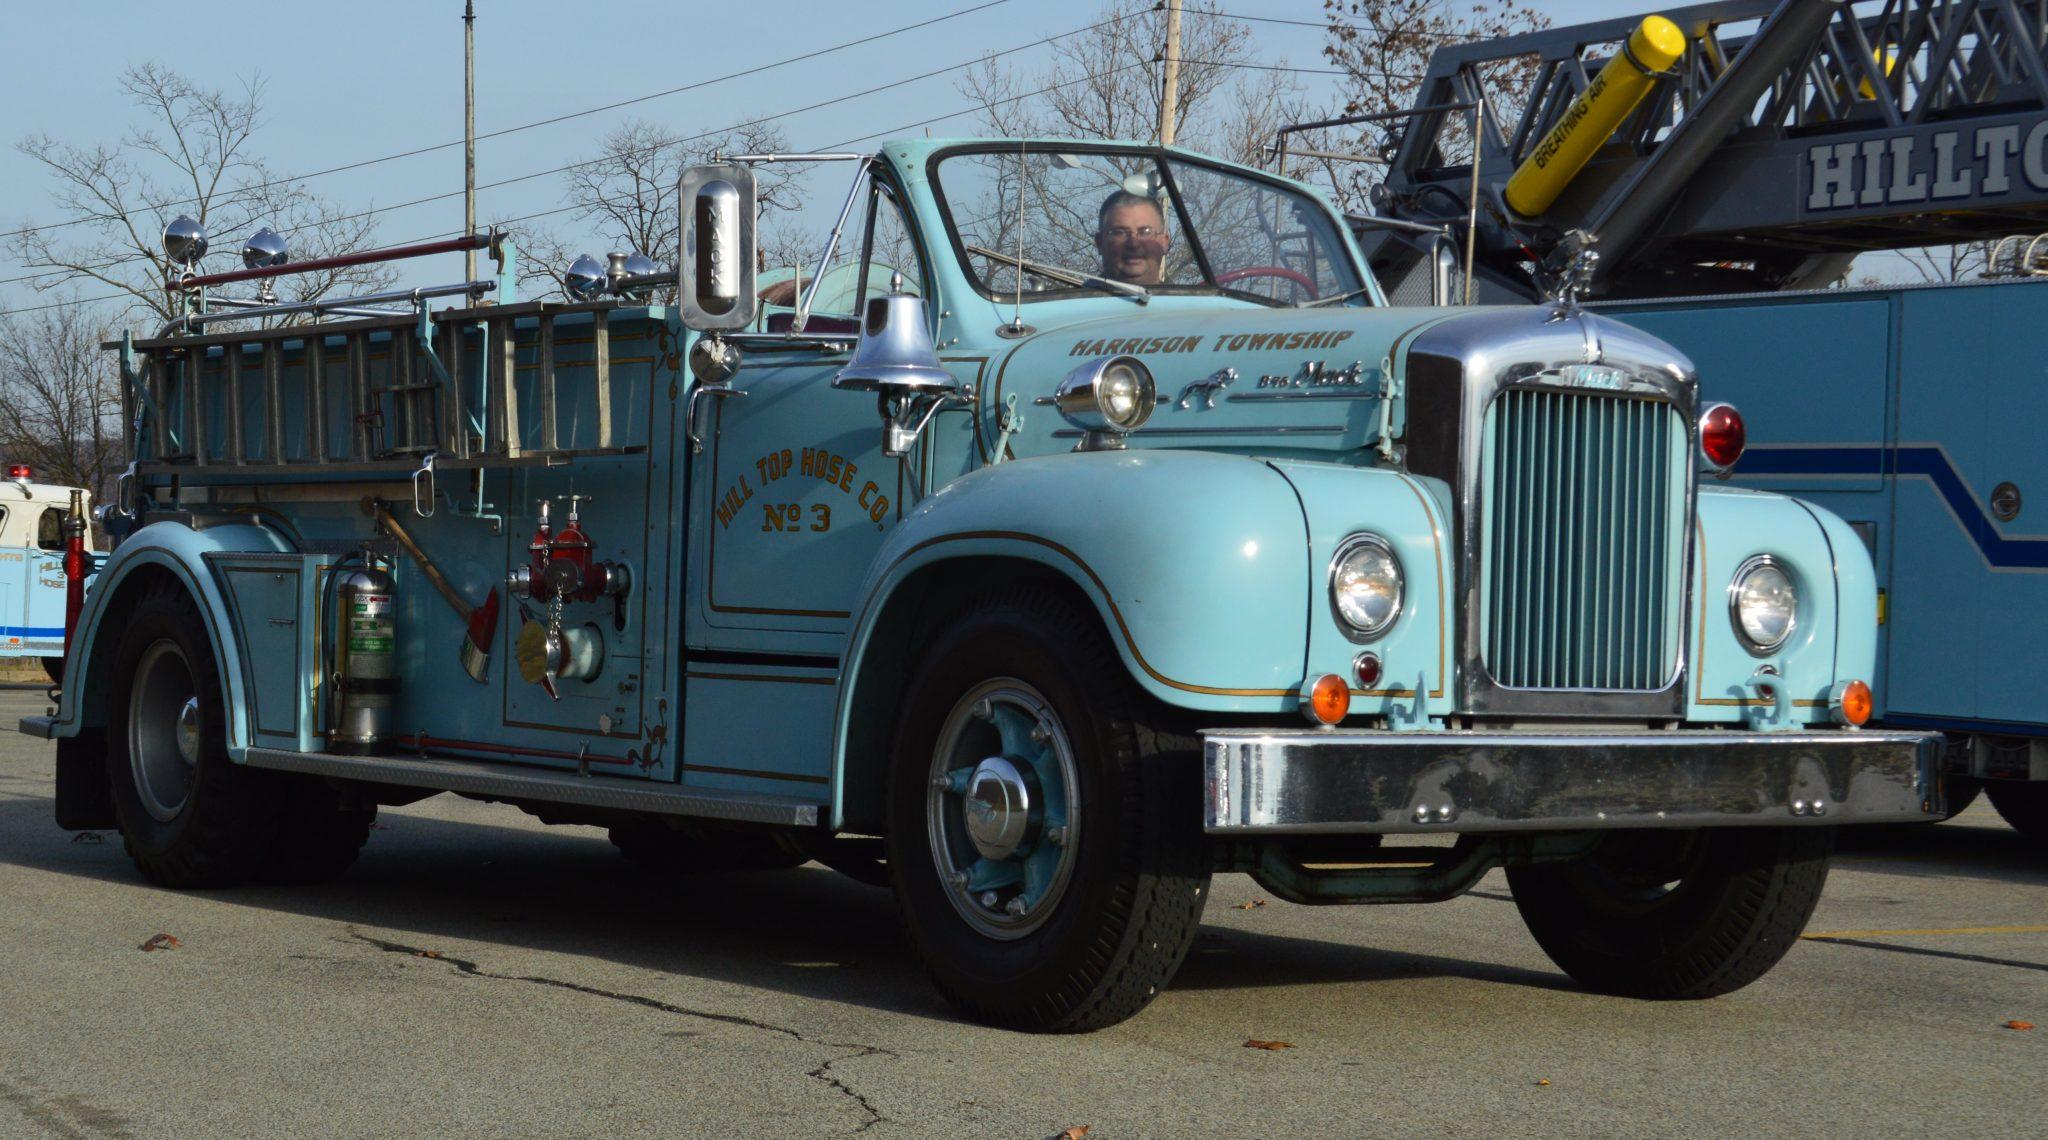 hilltop hose truck 1